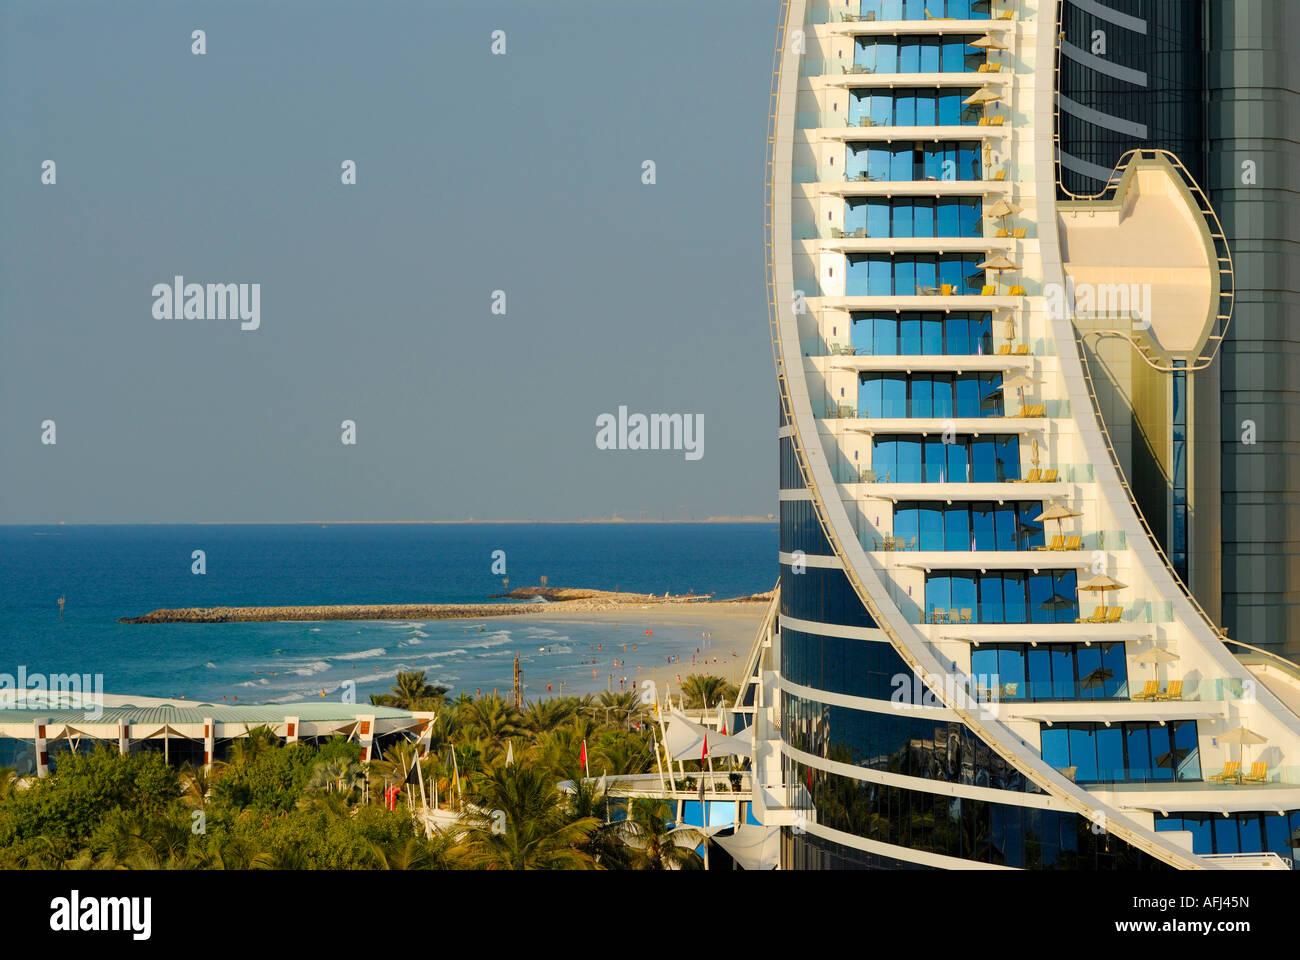 Camere con balcone, il Jumeirah Beach Hotel, Dubai, Emirati Arabi Uniti Immagini Stock